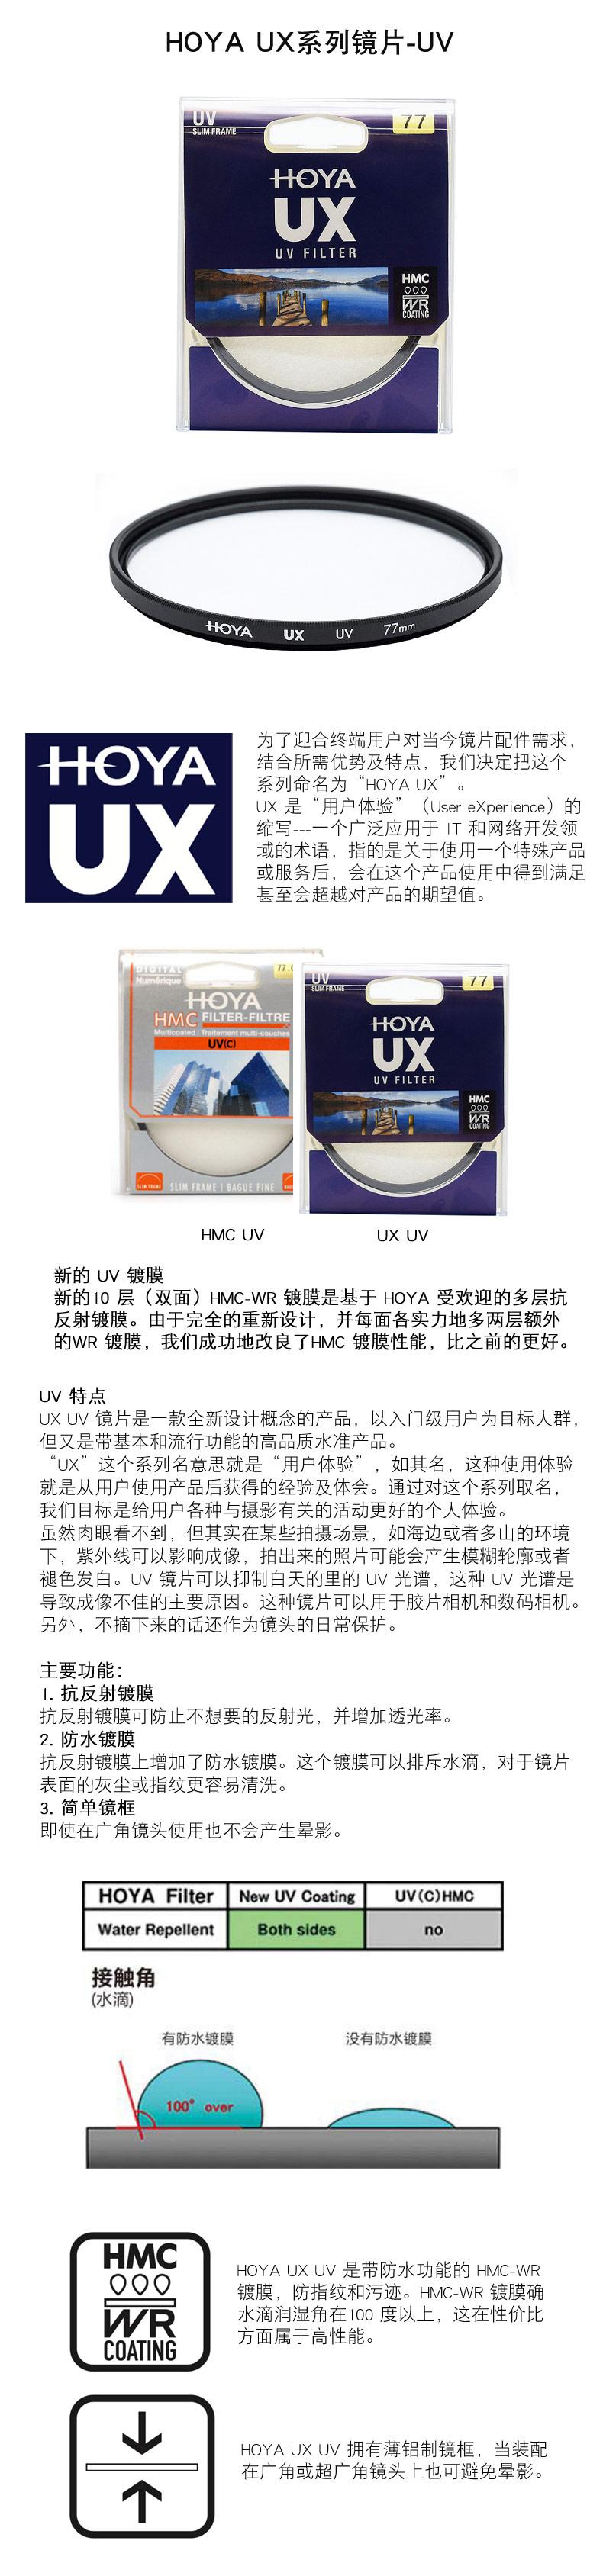 tb2nnuulrsybunjsspixxxnzpxa-848062207.jpg